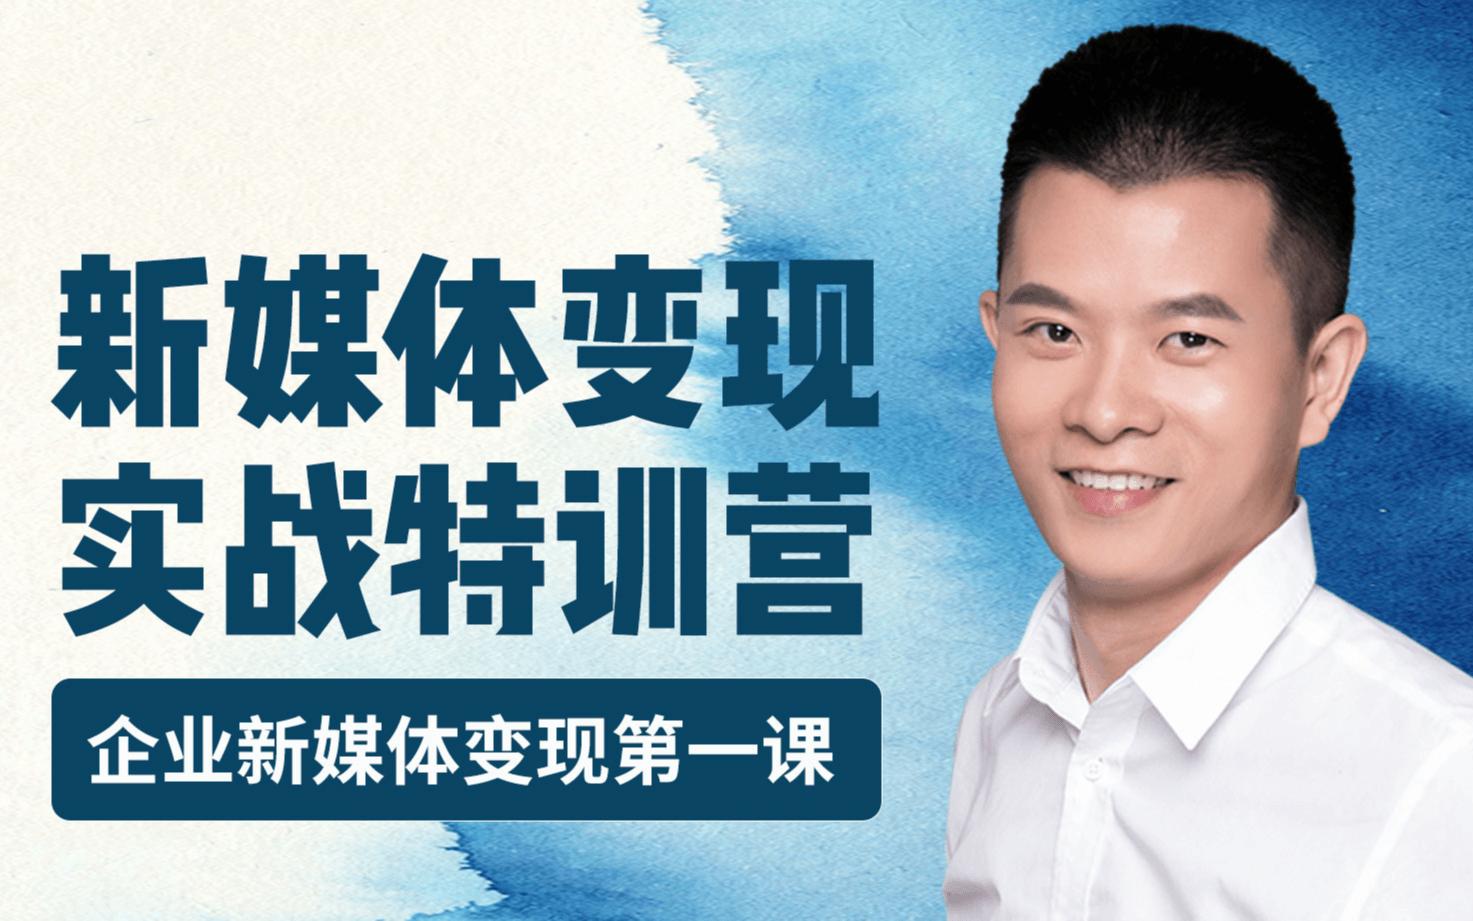 2019同道雅集-新媒体变现实战特训营(8月广州班)